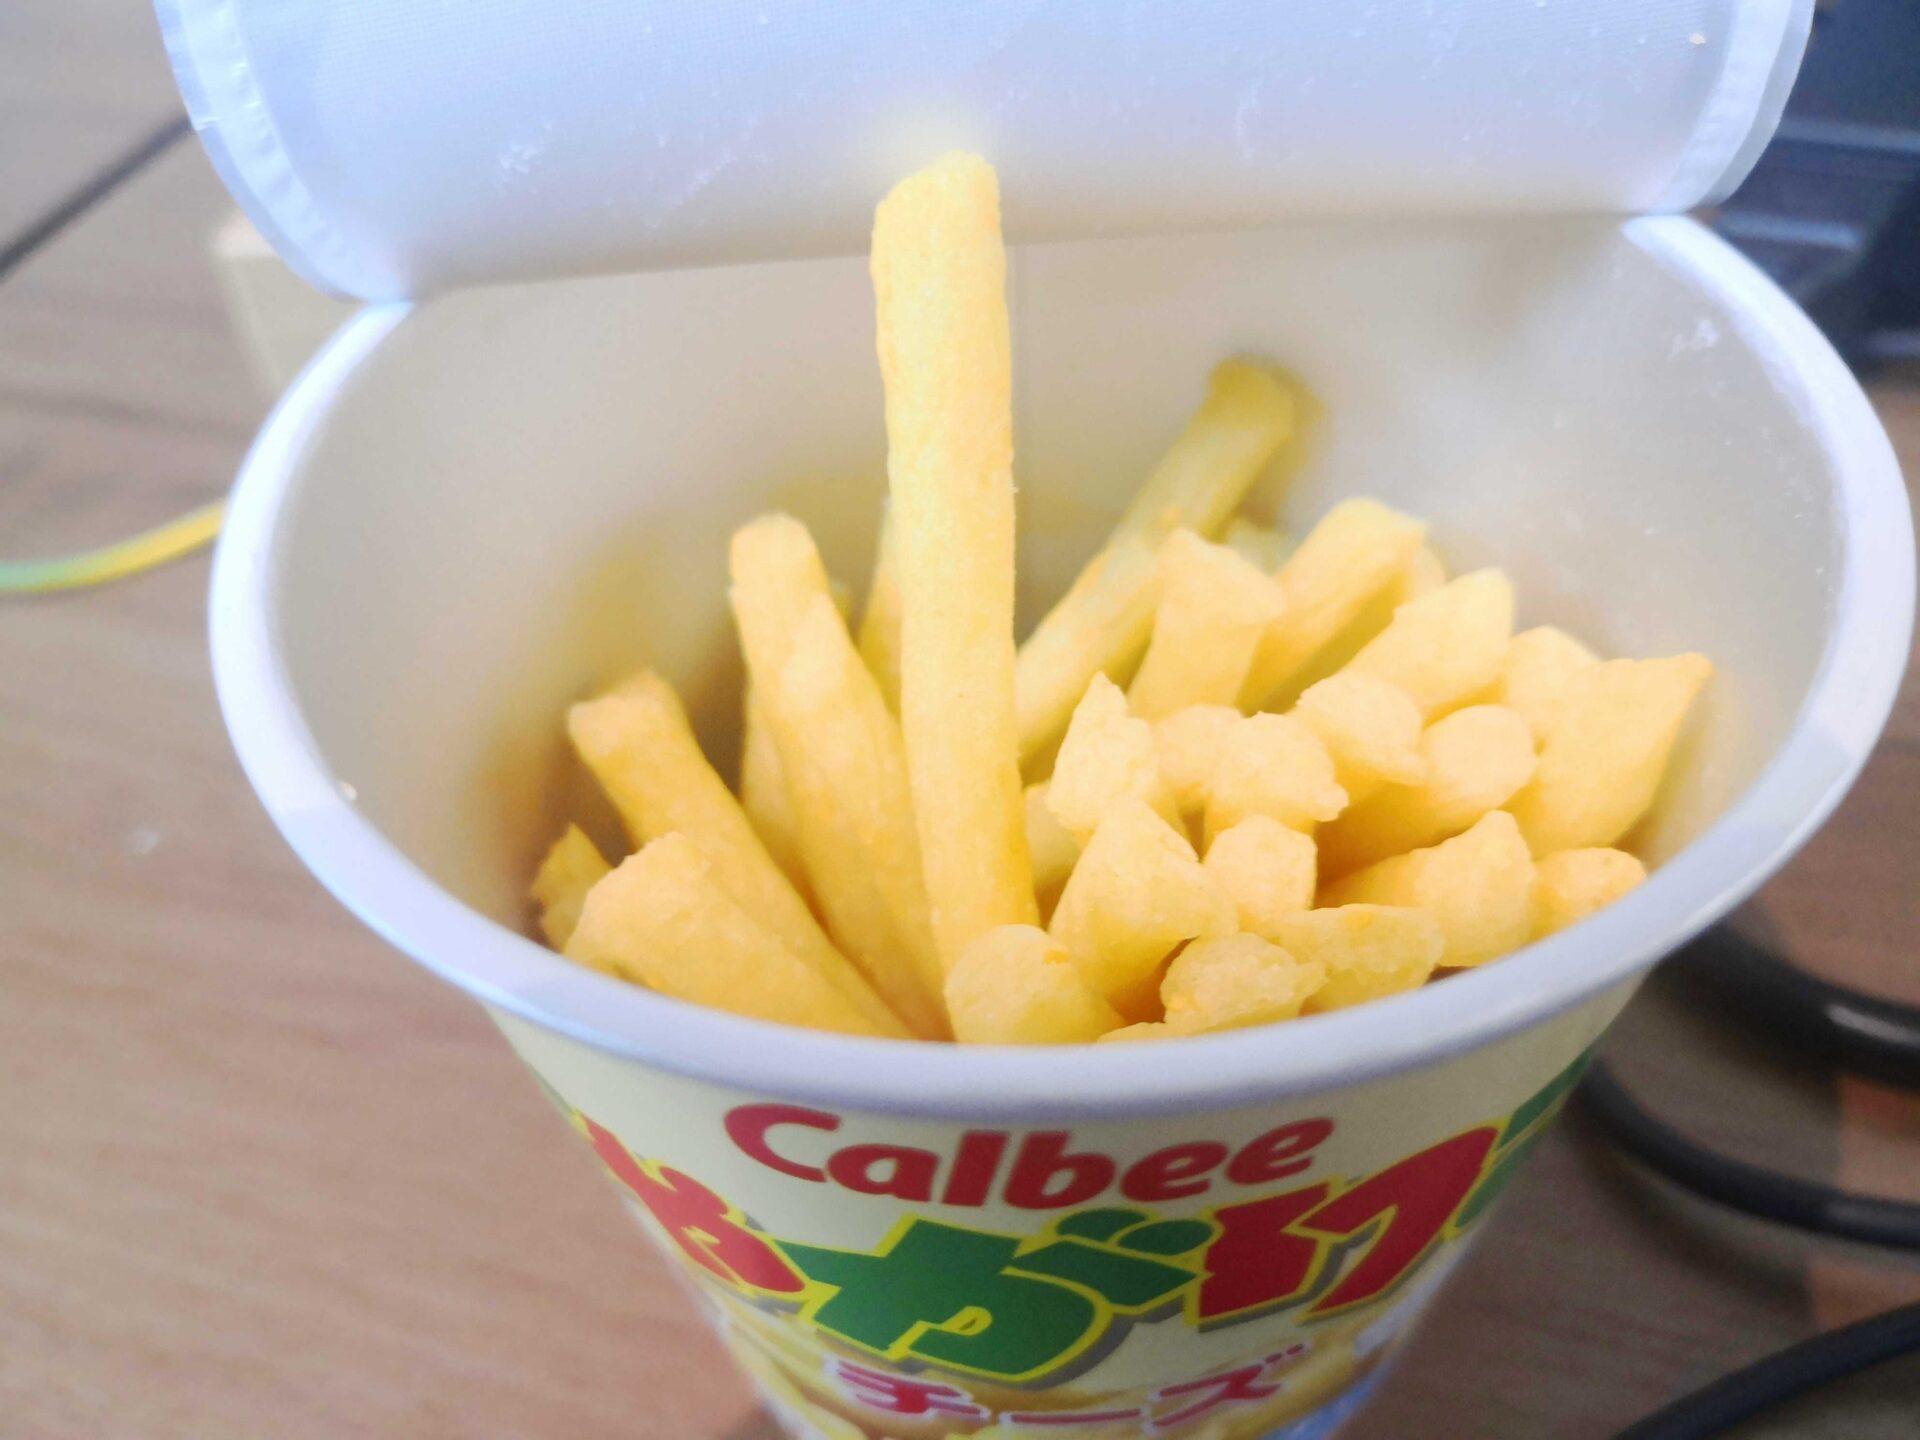 カルビー じゃがりこチーズ味